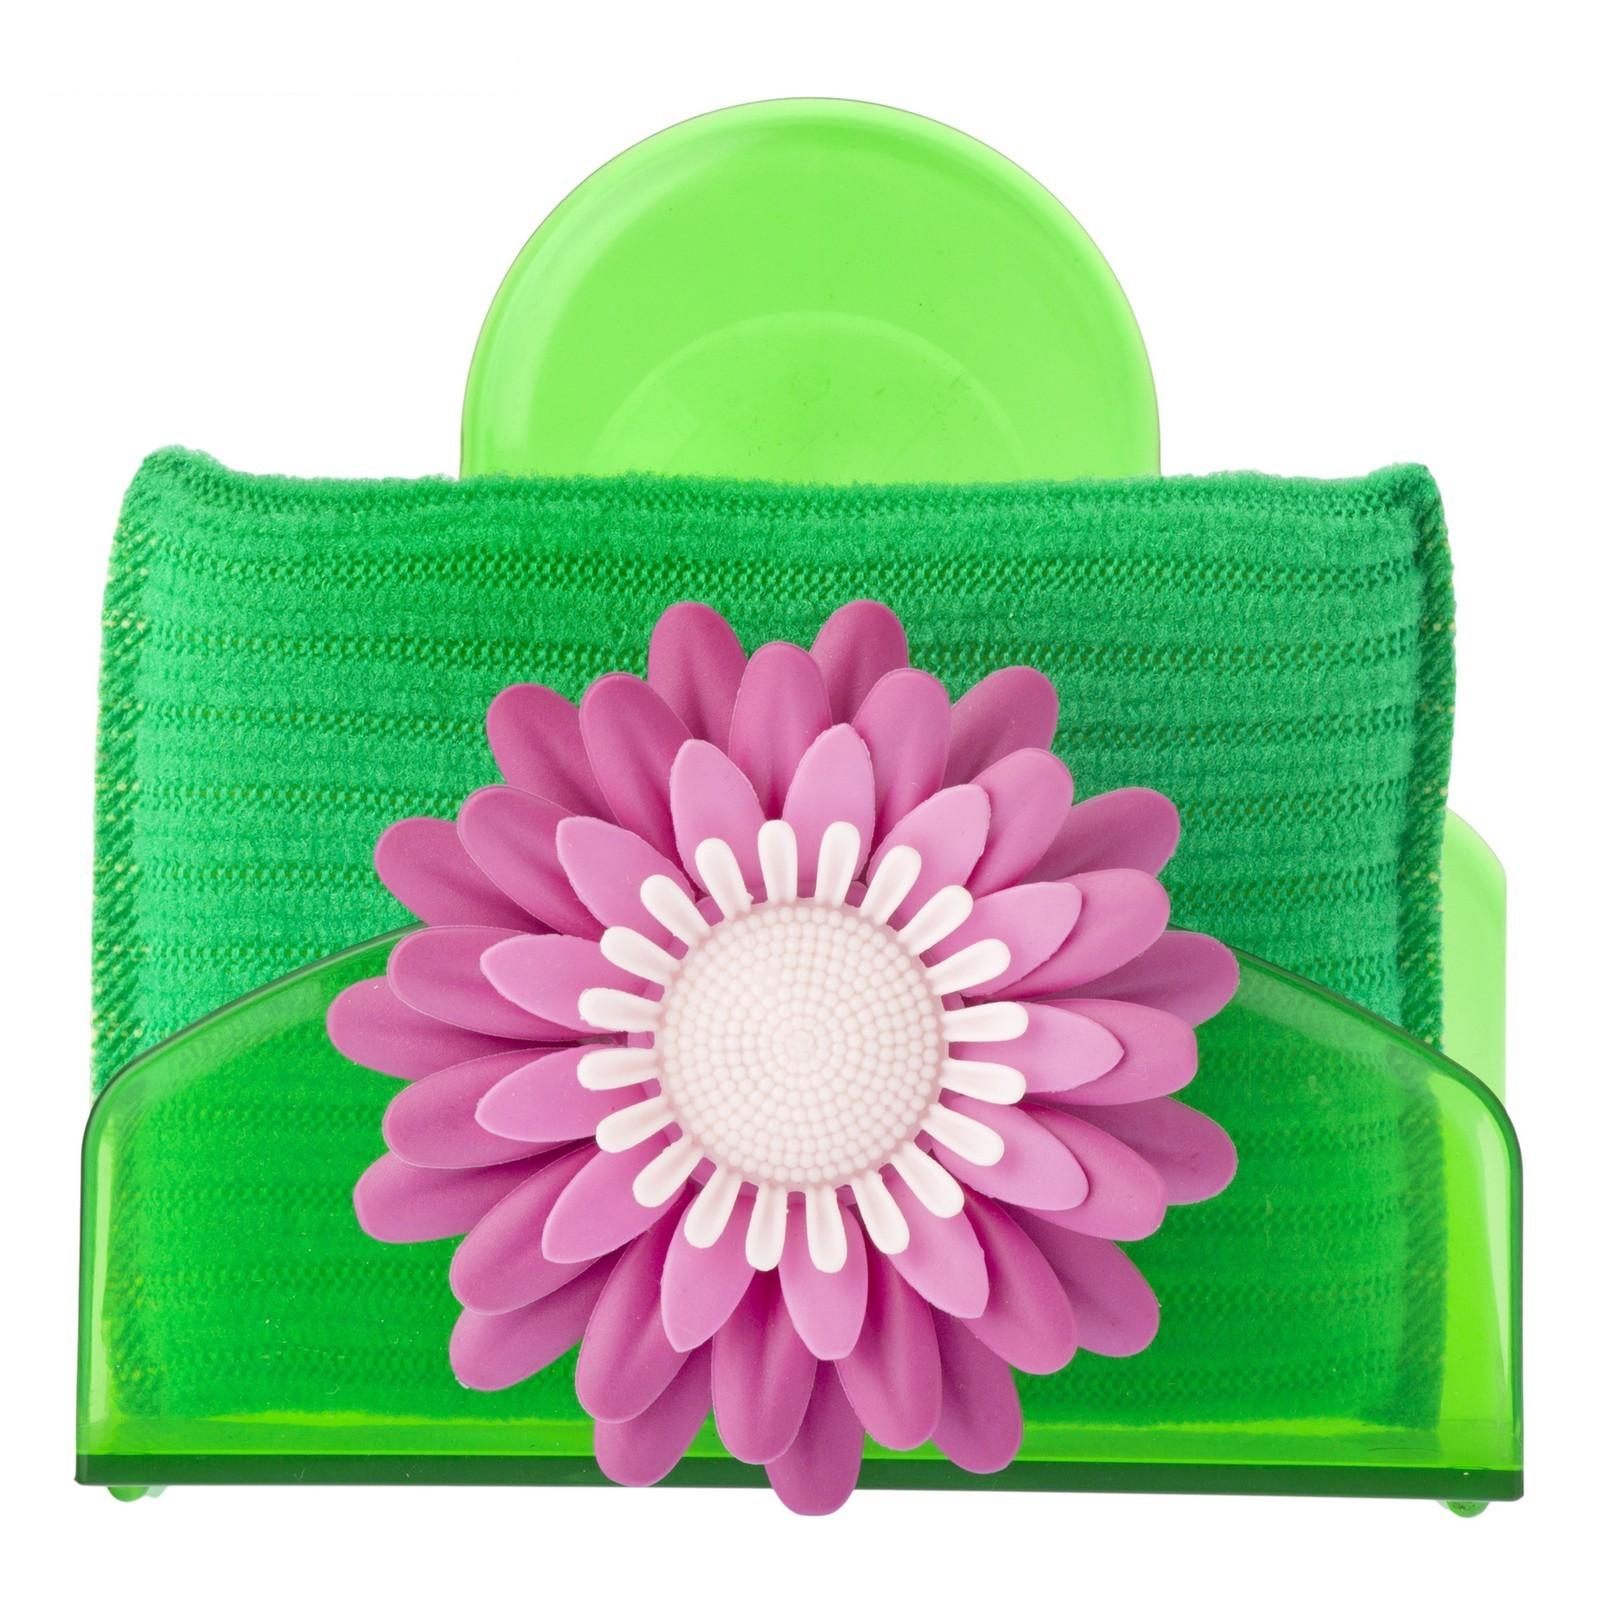 Губка для посуды с подставкой Vigar Flower Power 3486 дозатор щетка для посуды губка на подставке lolaflor quelle vigar 1011713